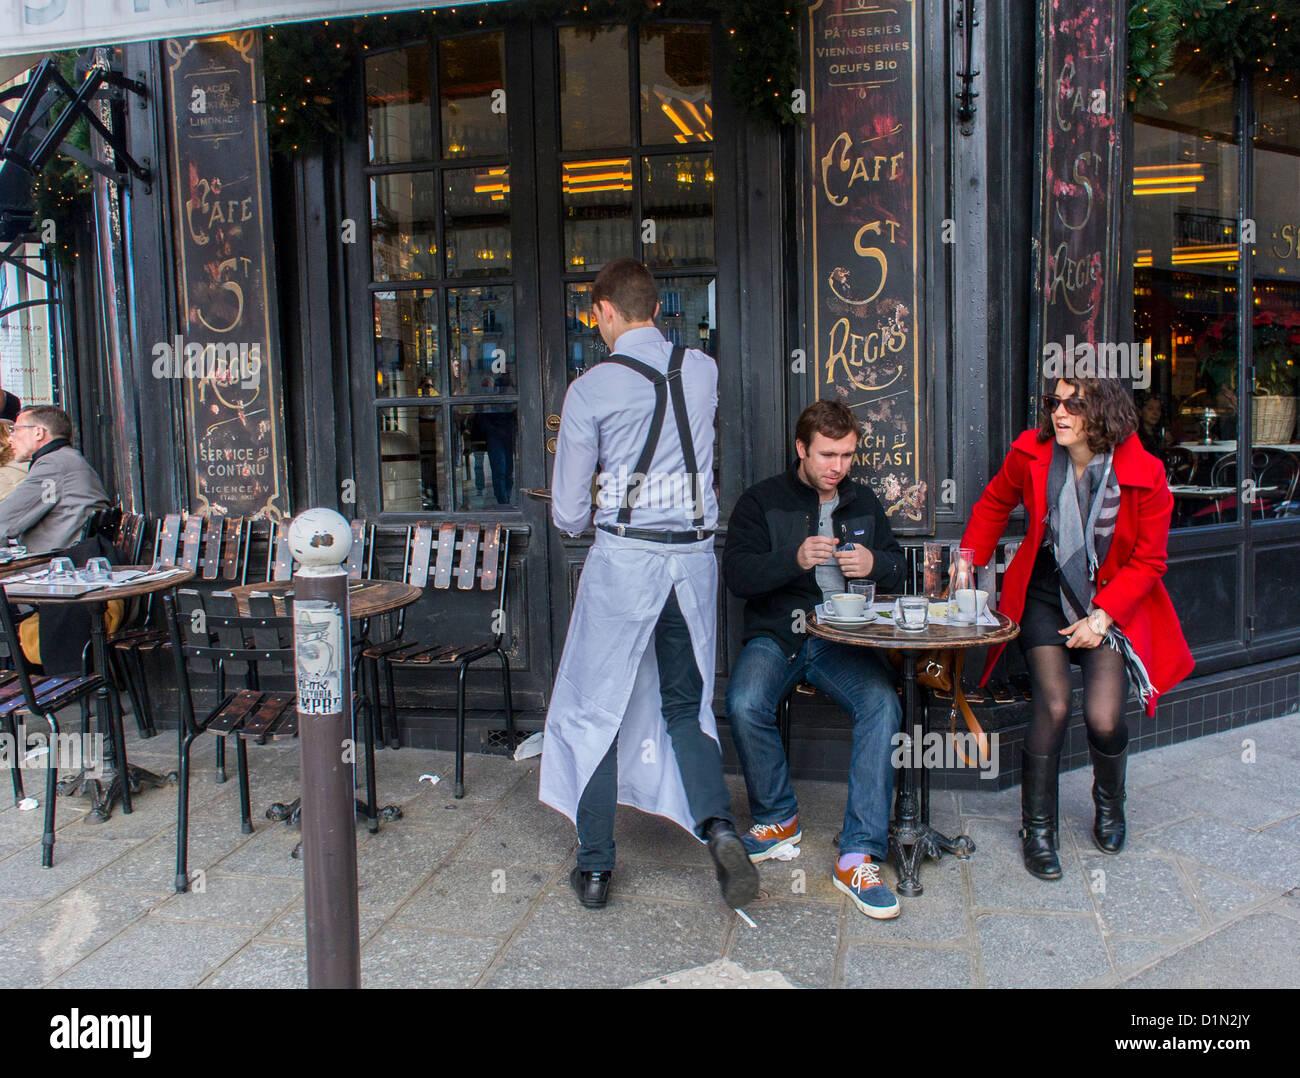 Caf Ef Bf Bd Bar Restaurant L Ecurie